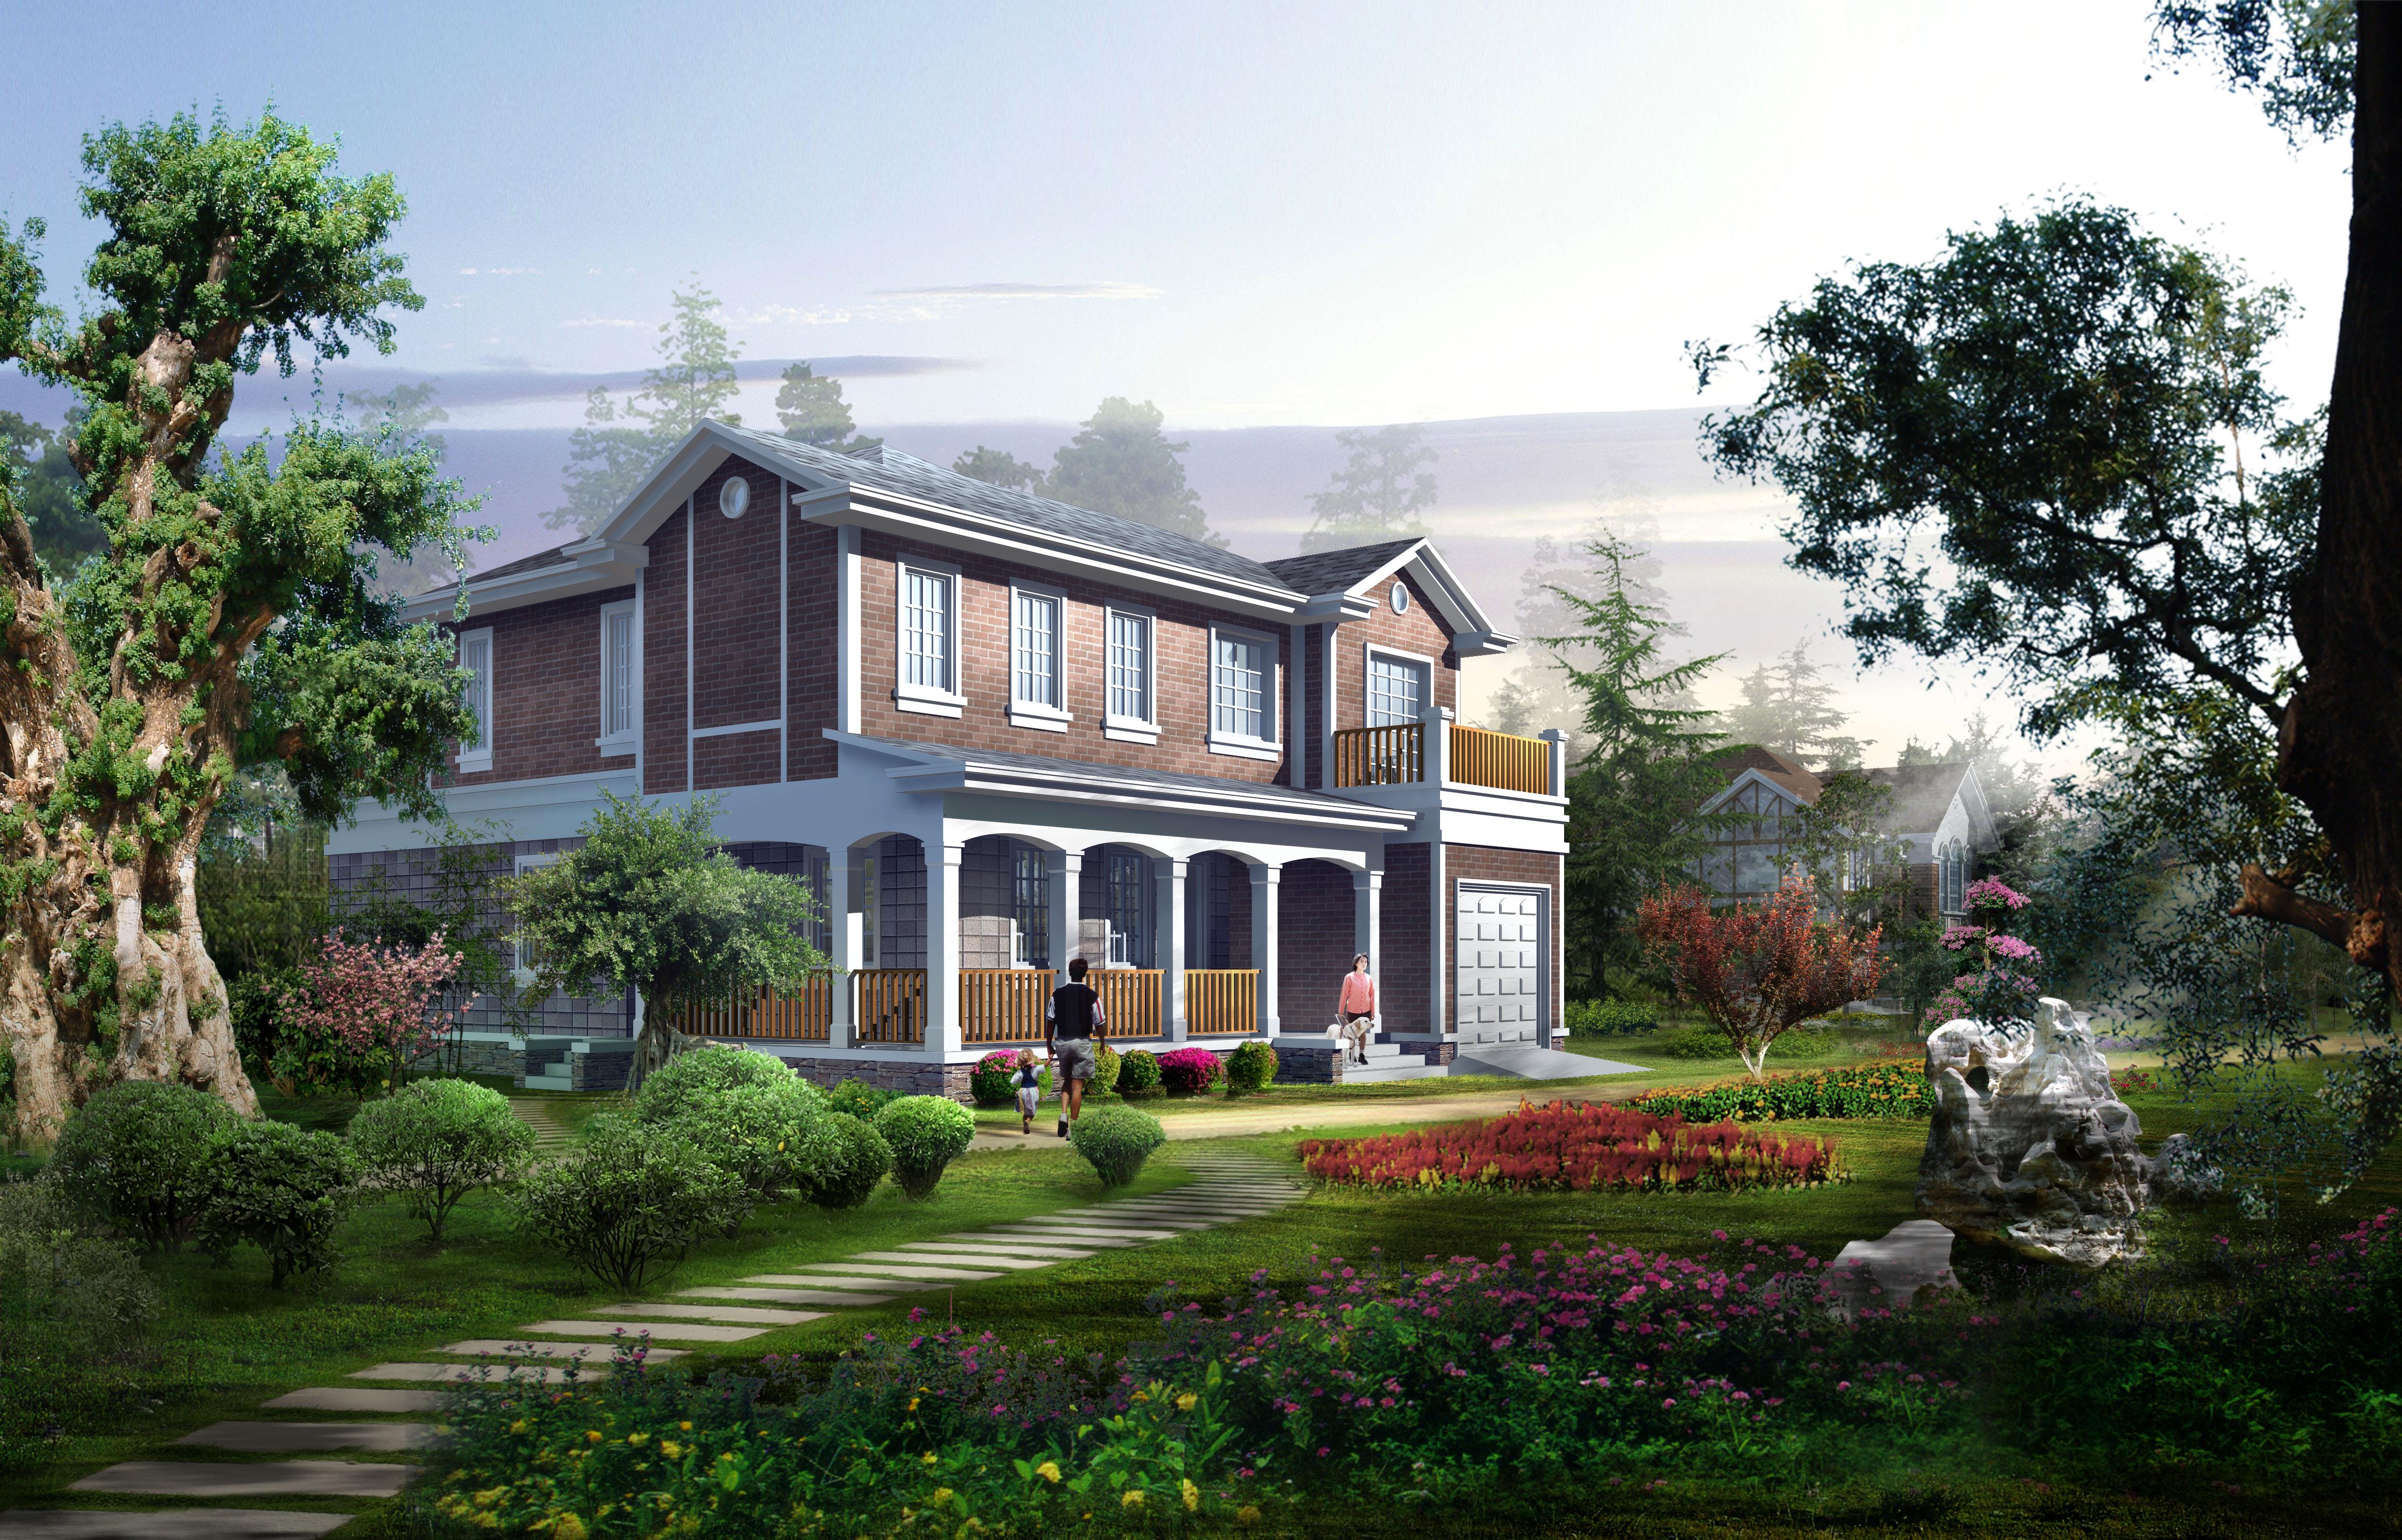 建筑效果图制作,建筑外观设计 ,住宅效果图,商业办公楼效果图